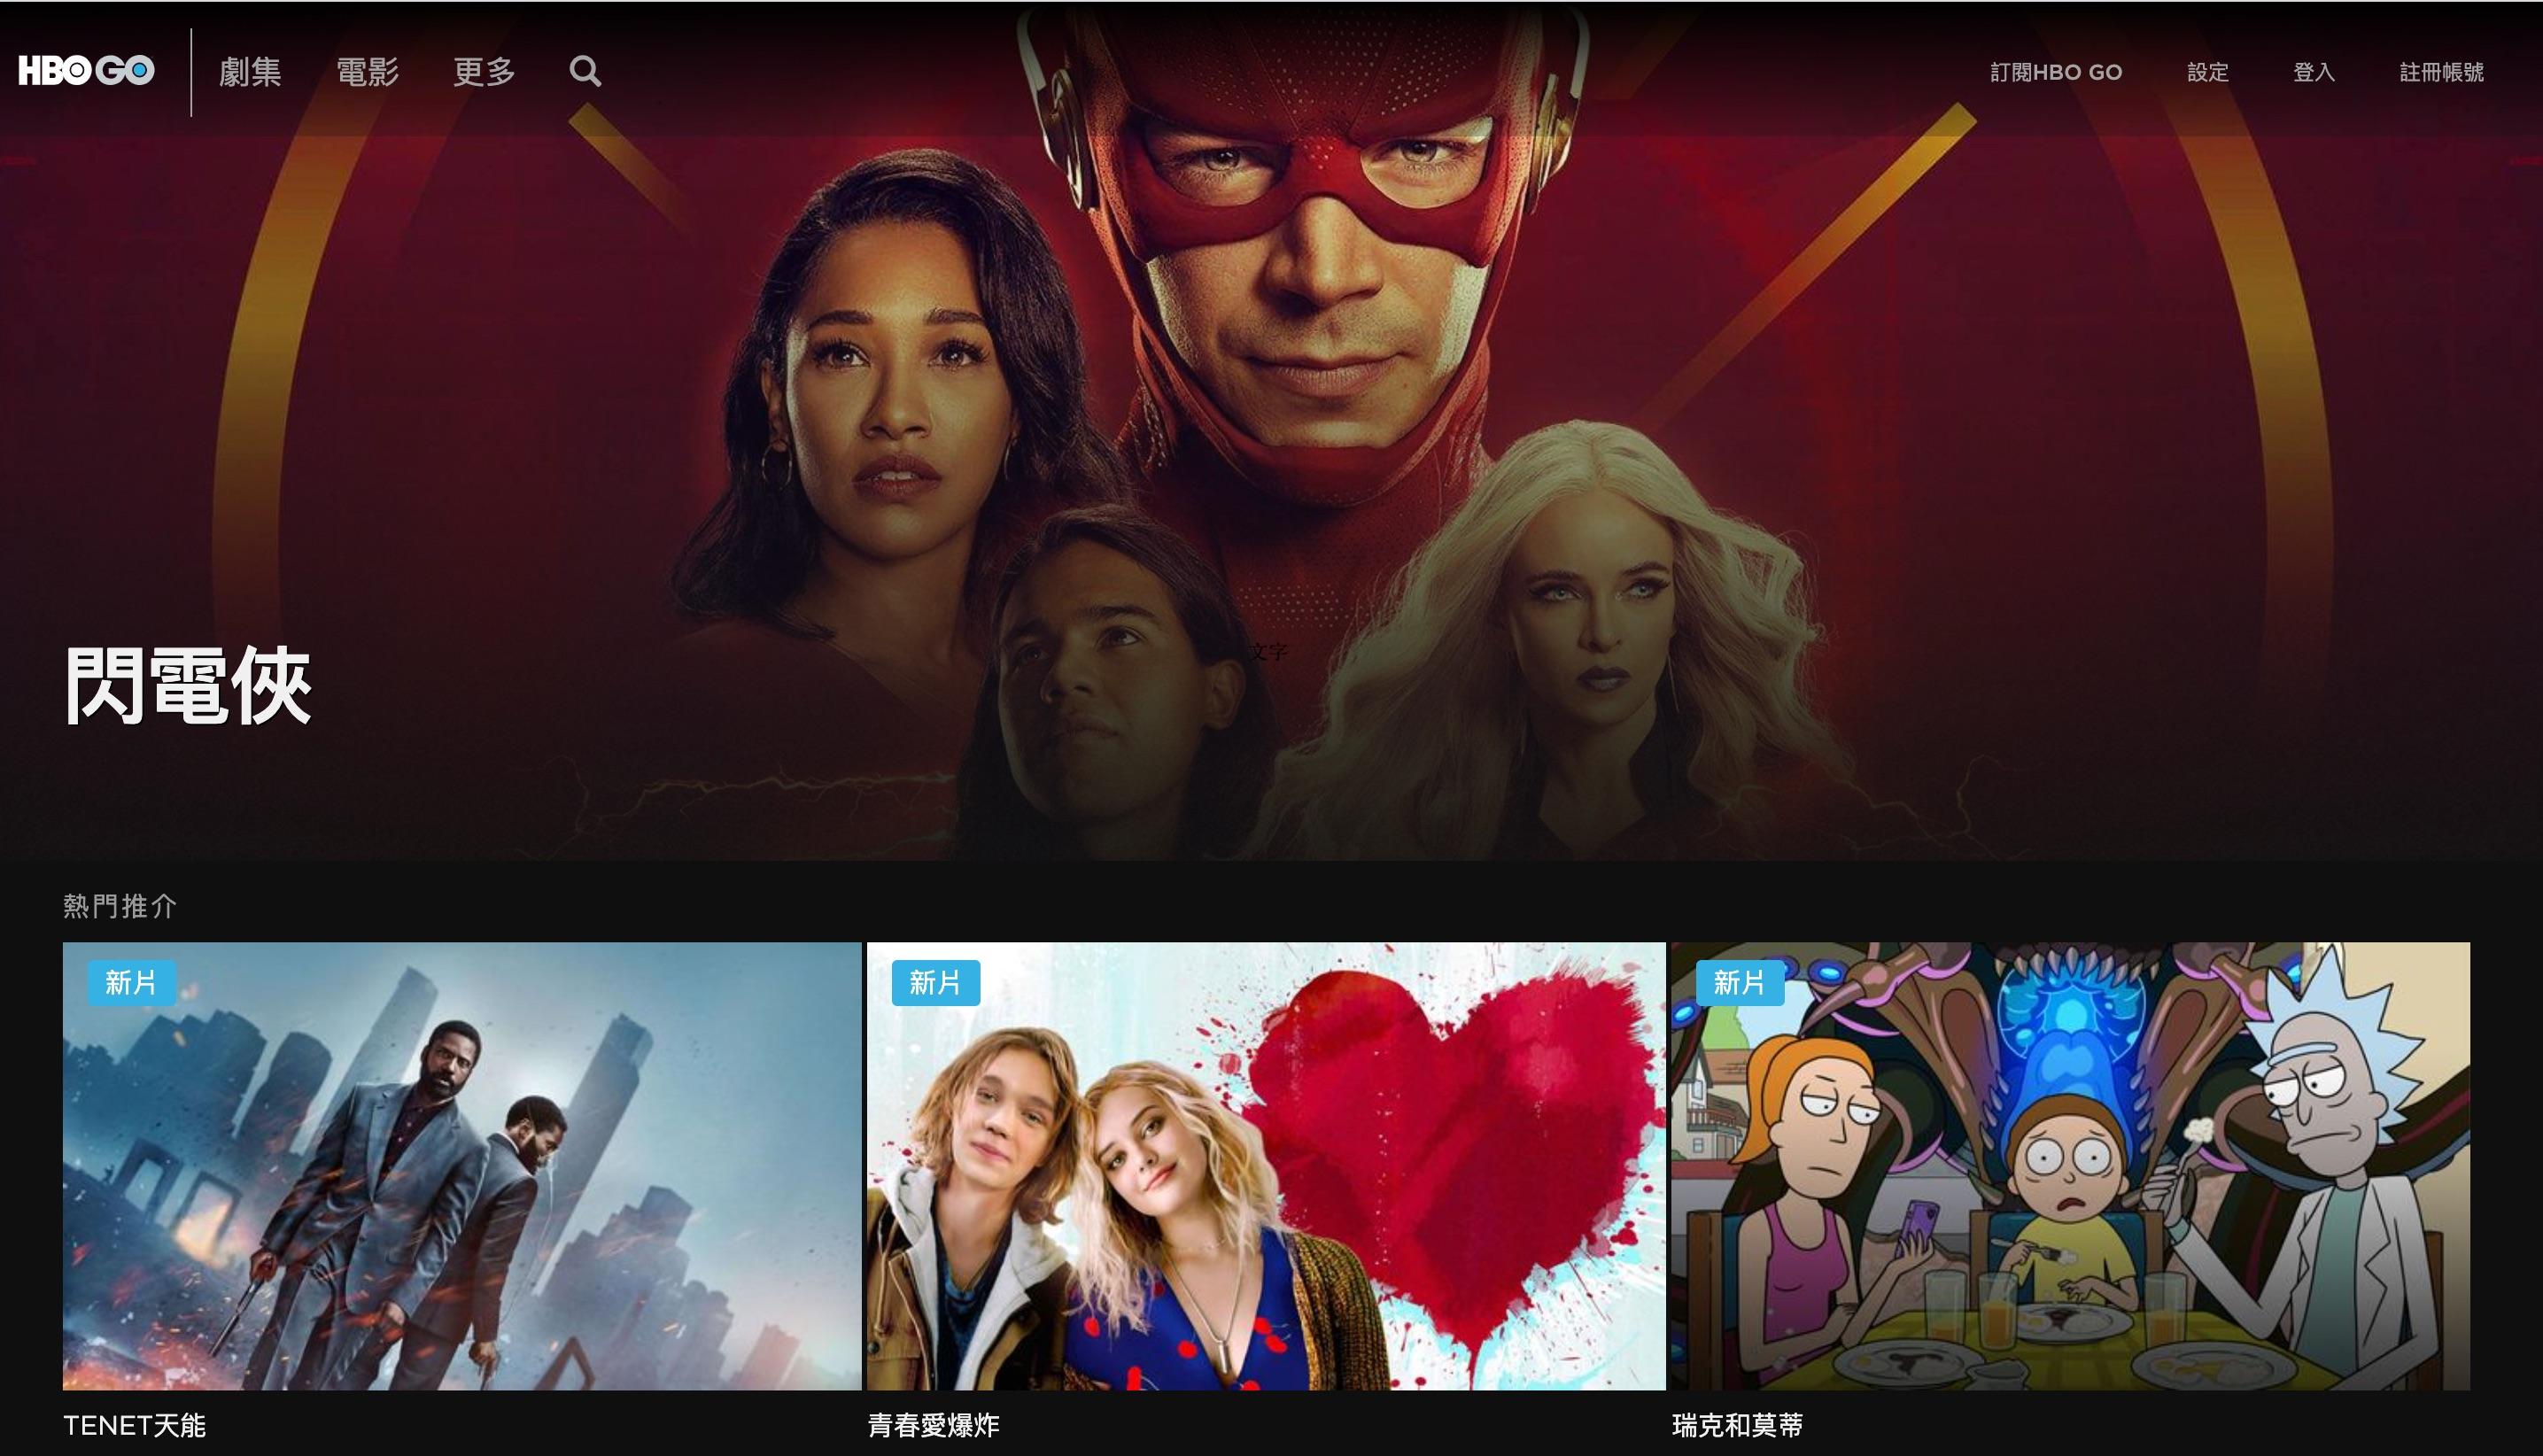 HBO GO homepage 首頁